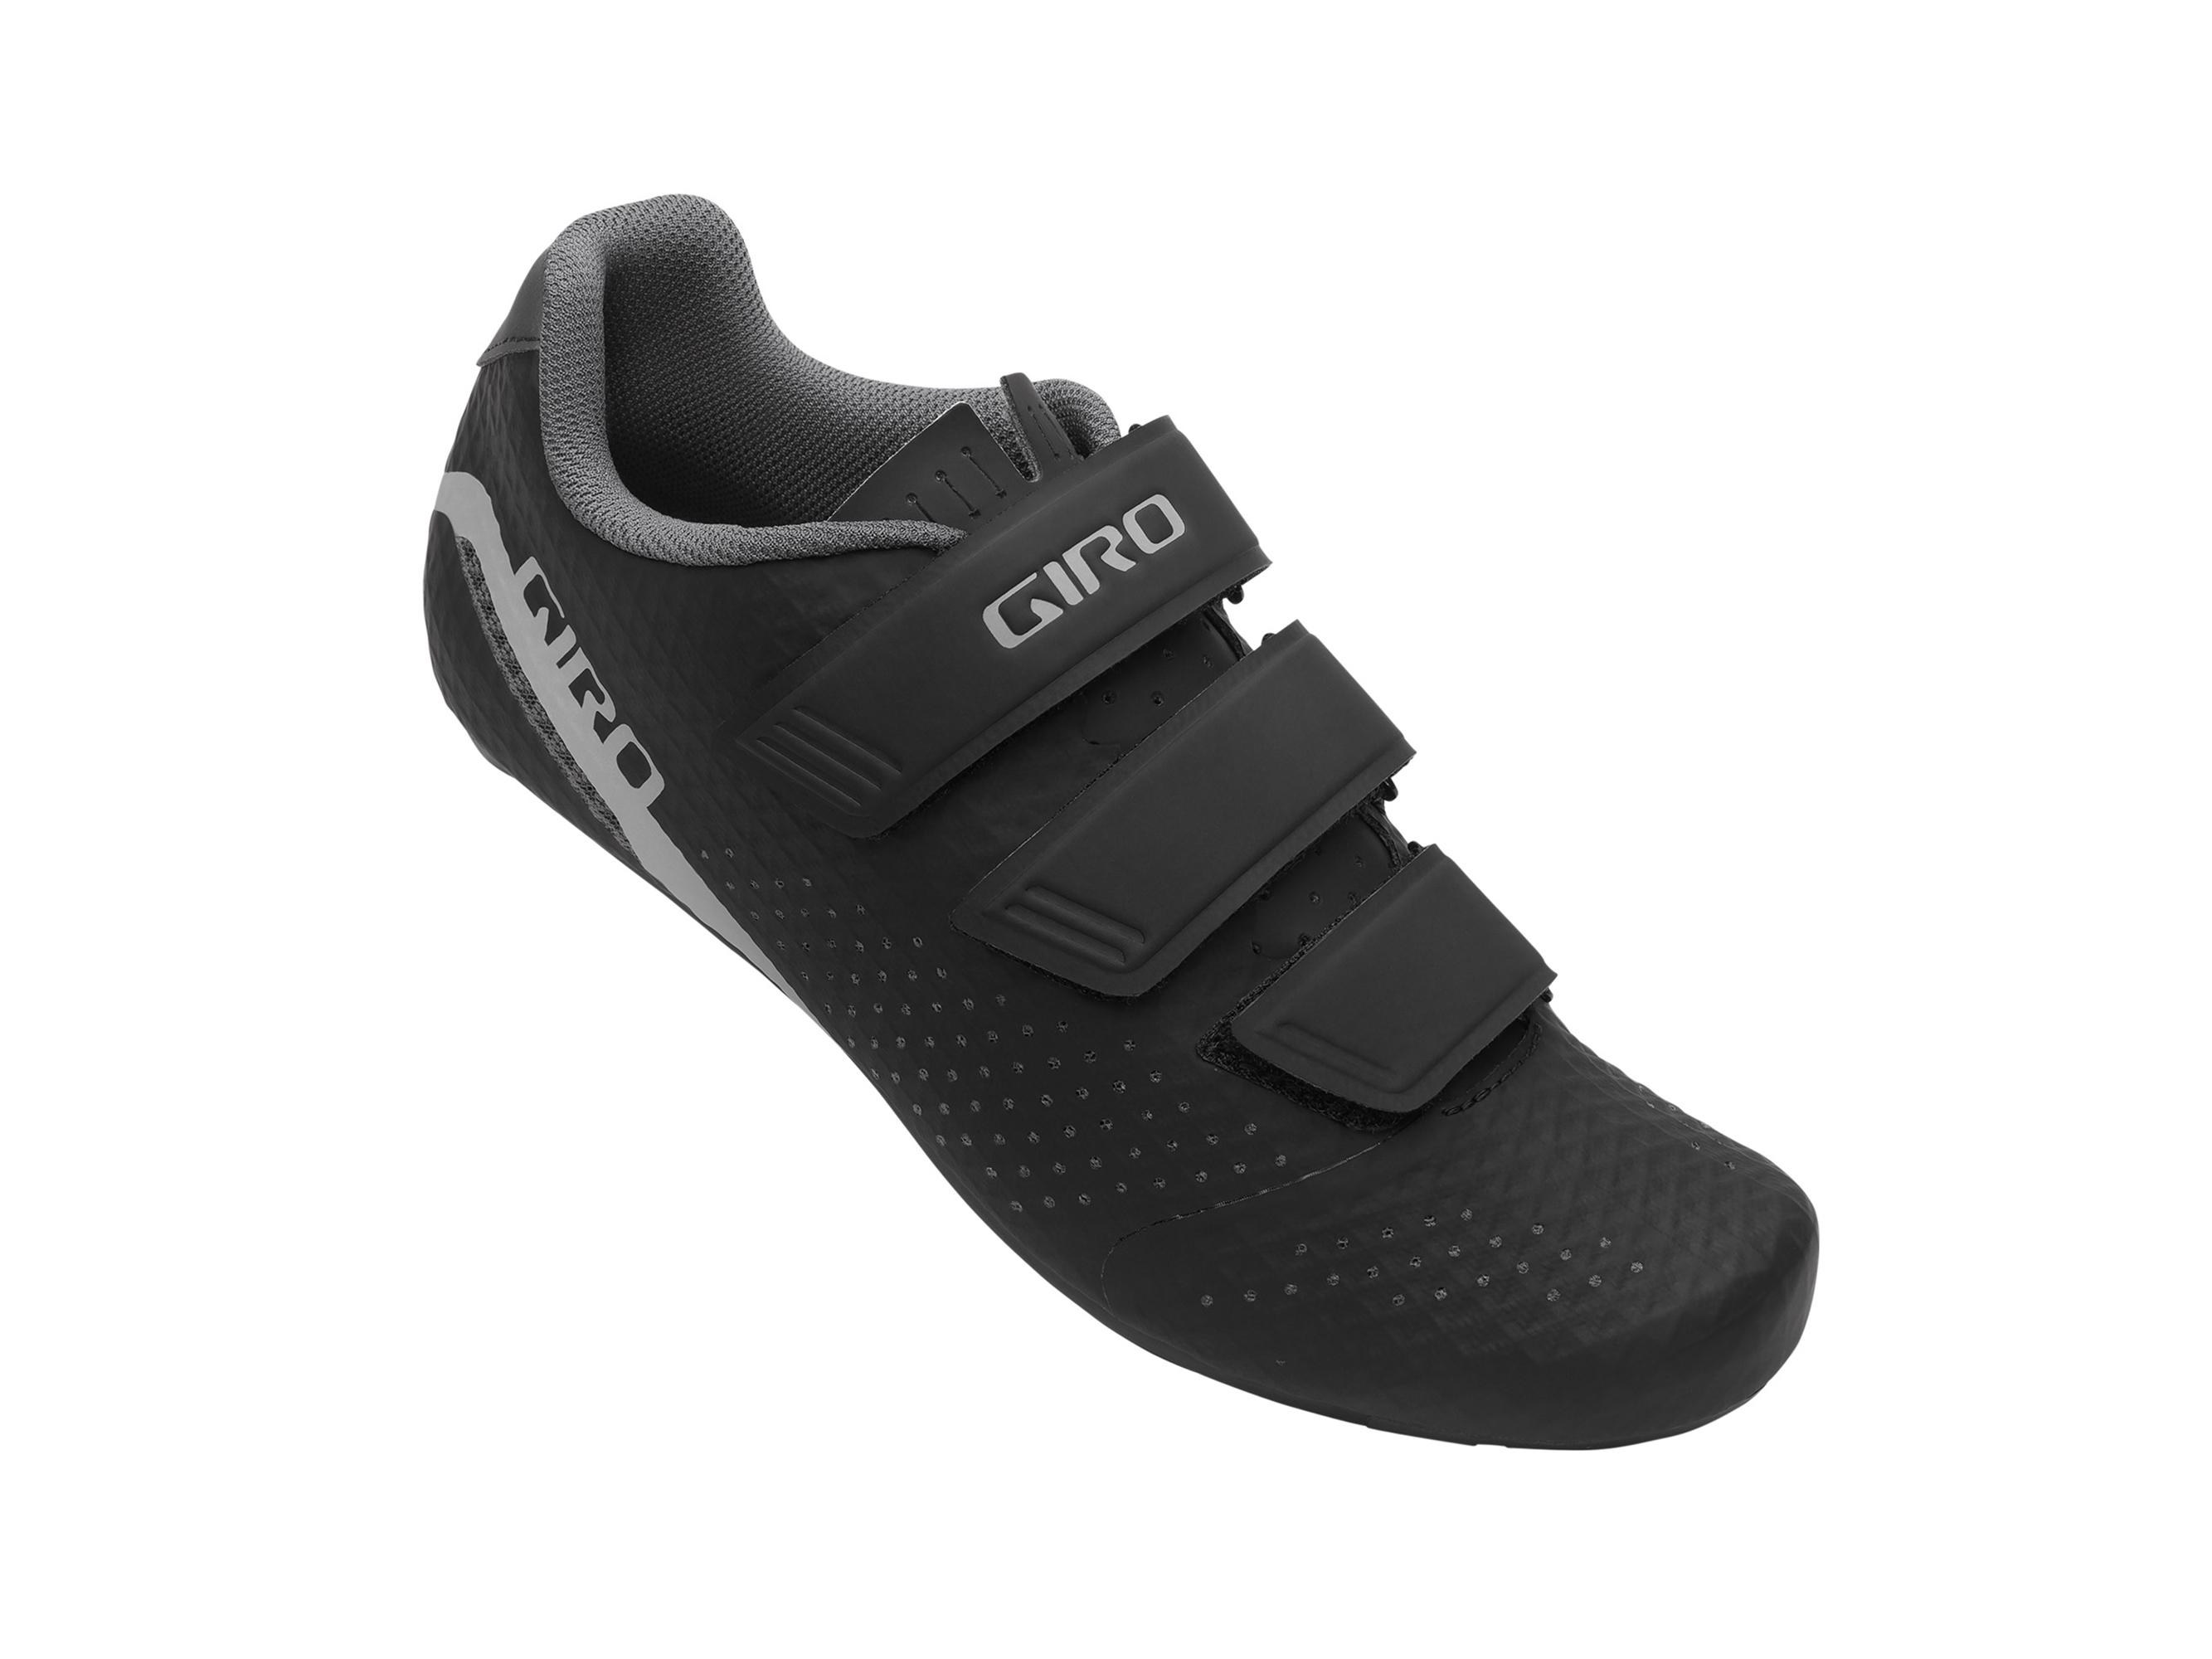 Giro Stylus W Svart 41